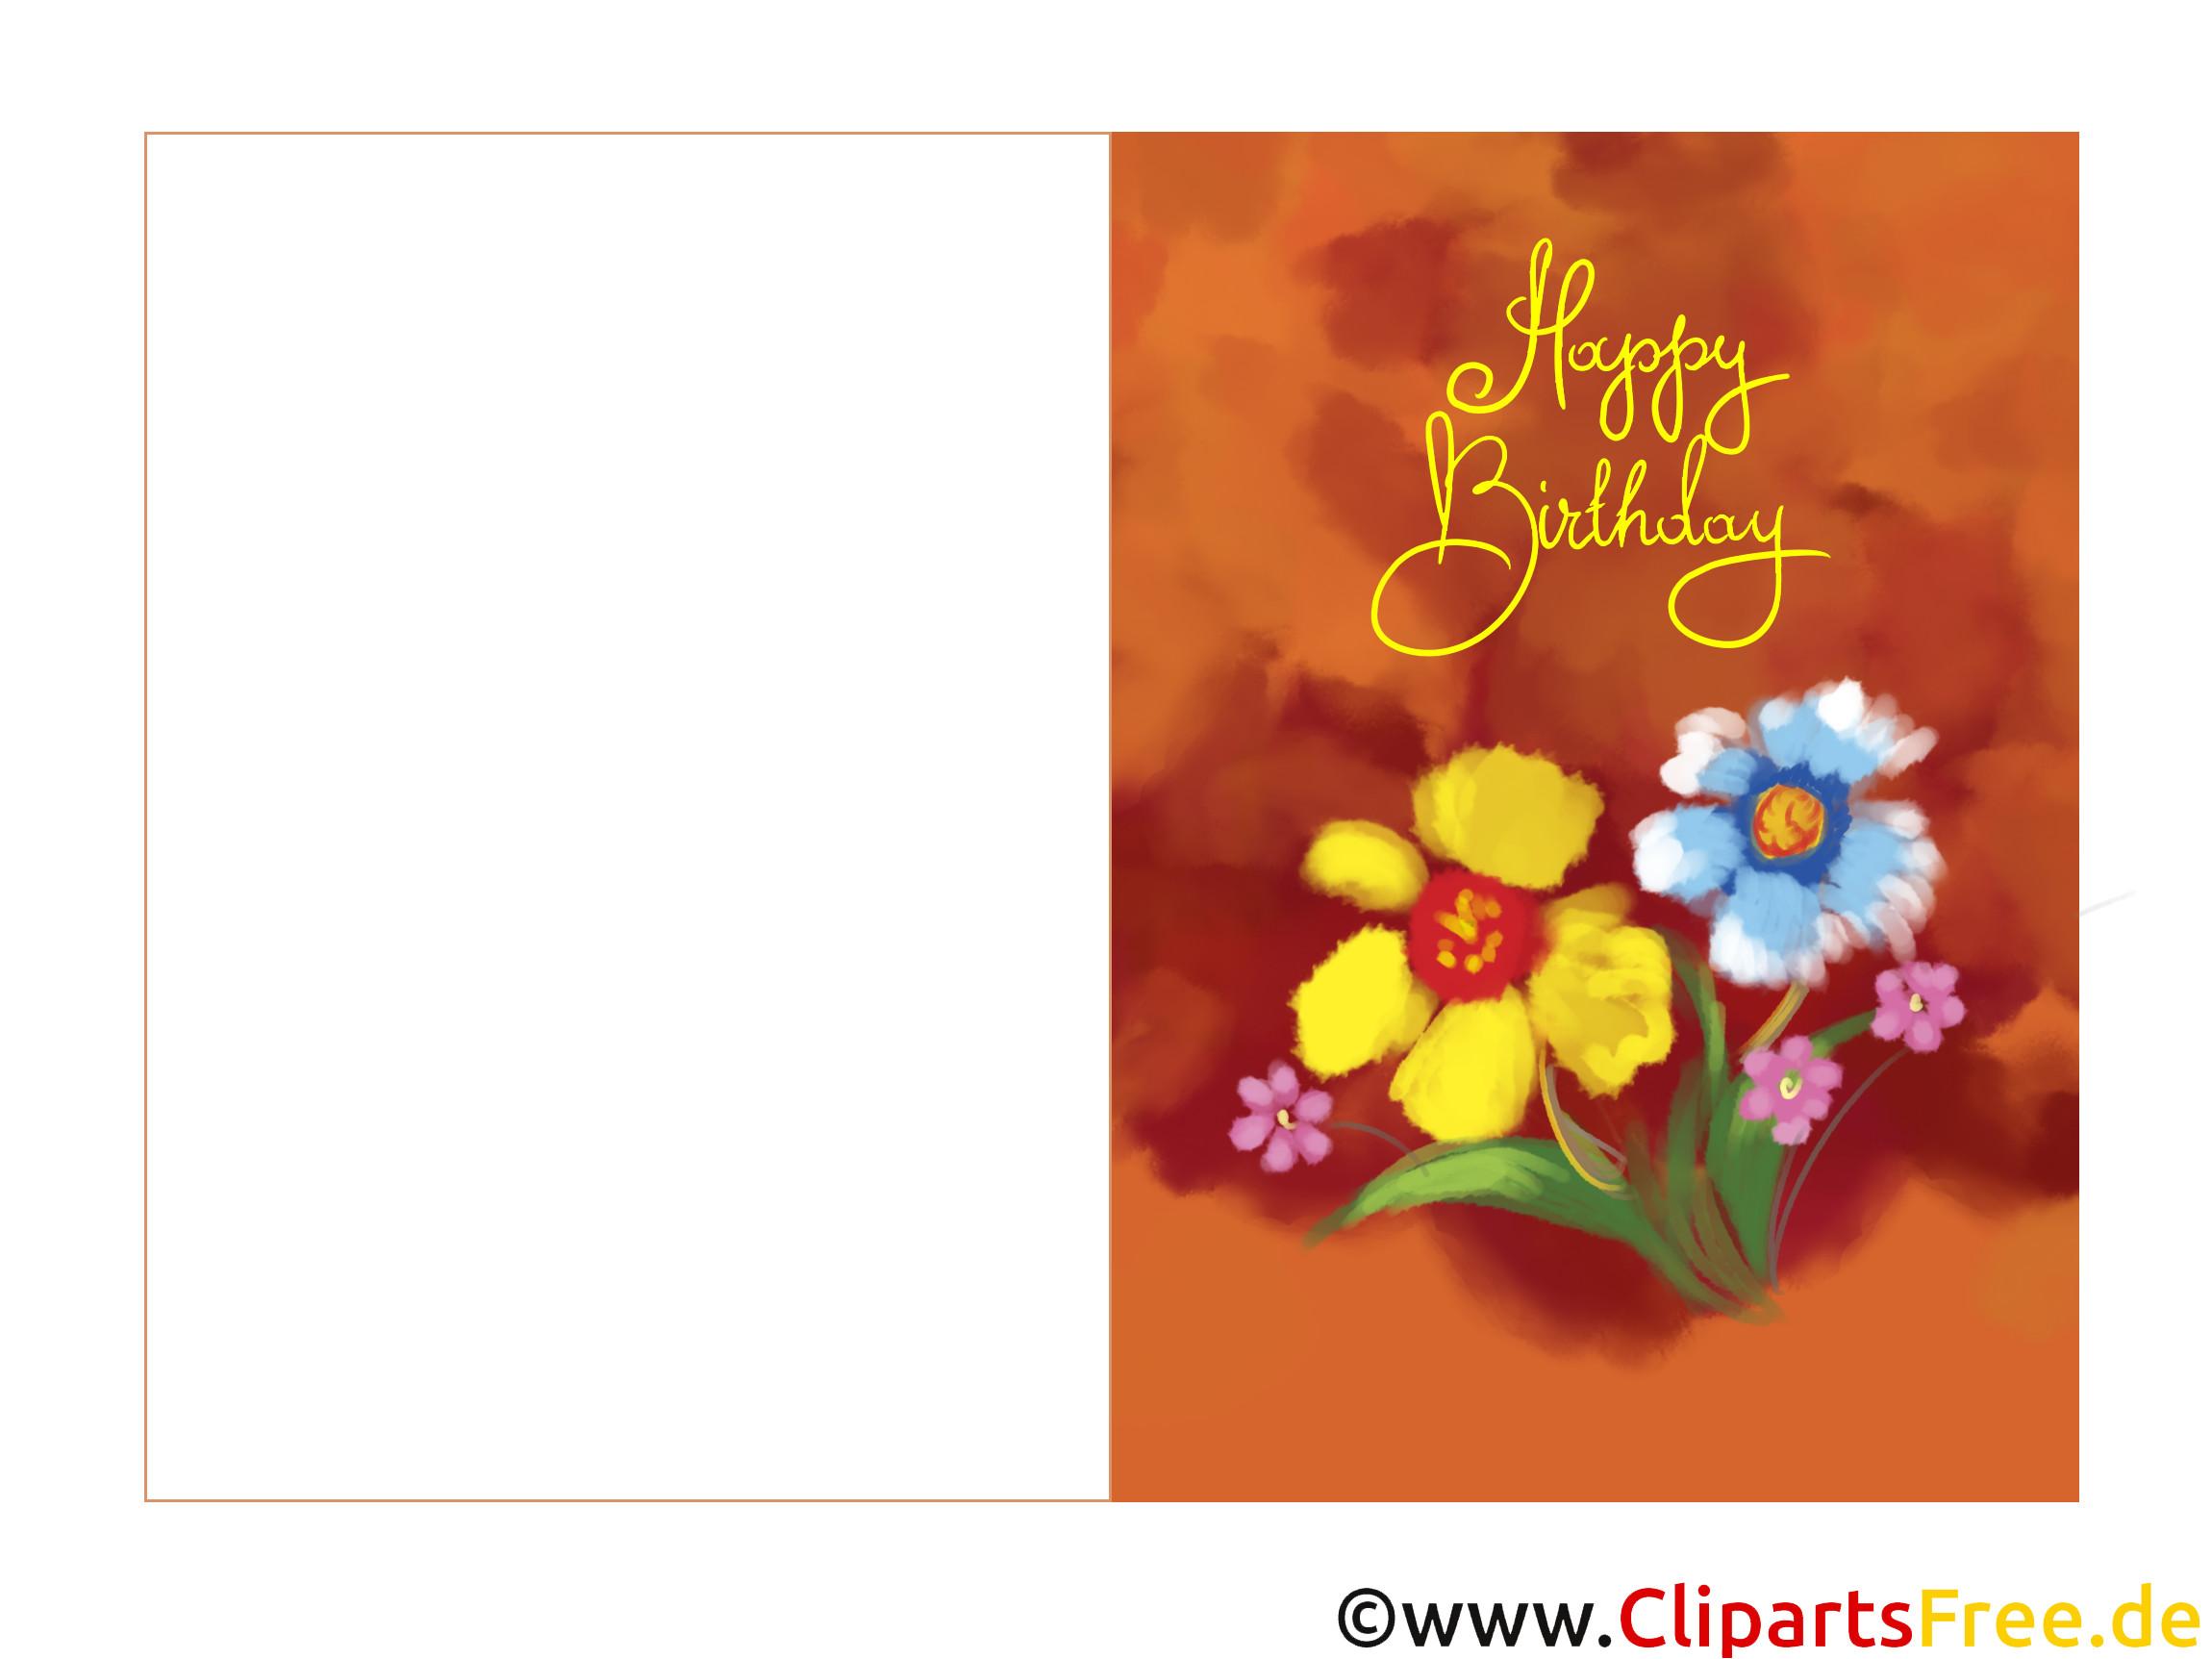 Elektronische Geburtstagskarten  Elektronische Geburtstagskarte kostenlos zum Runterladen